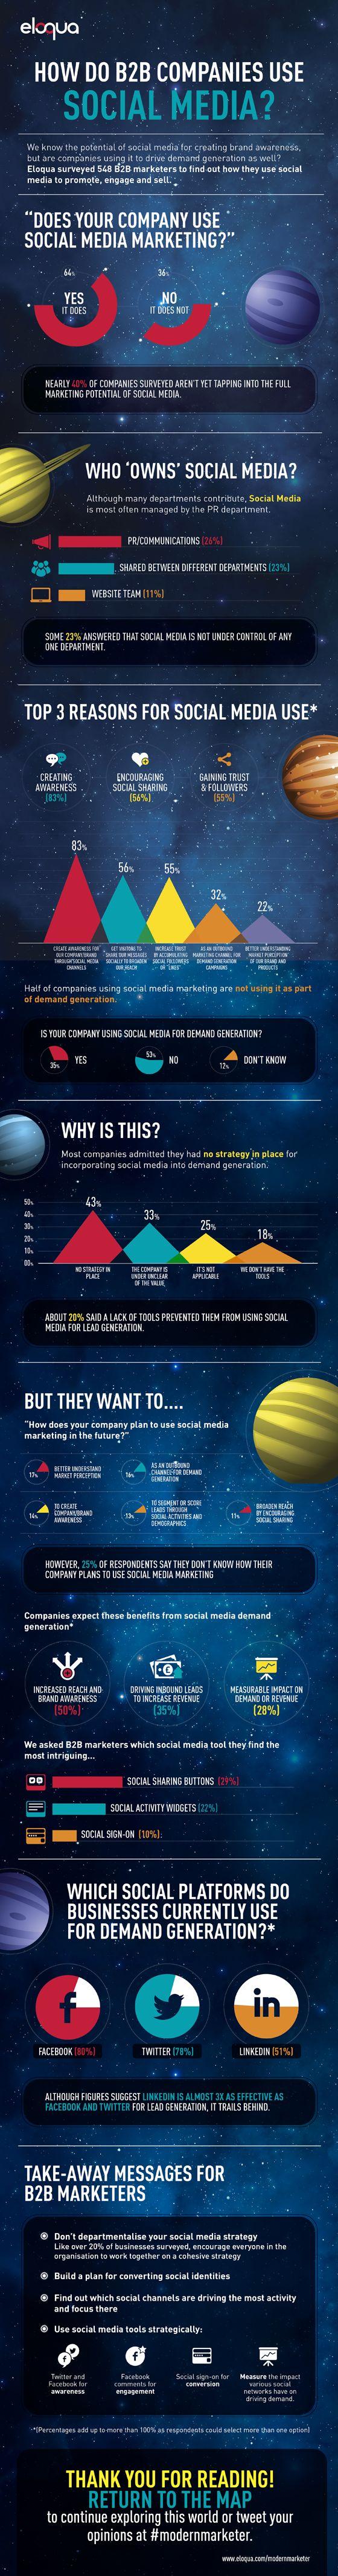 How Do B2B Companies Use Social Media